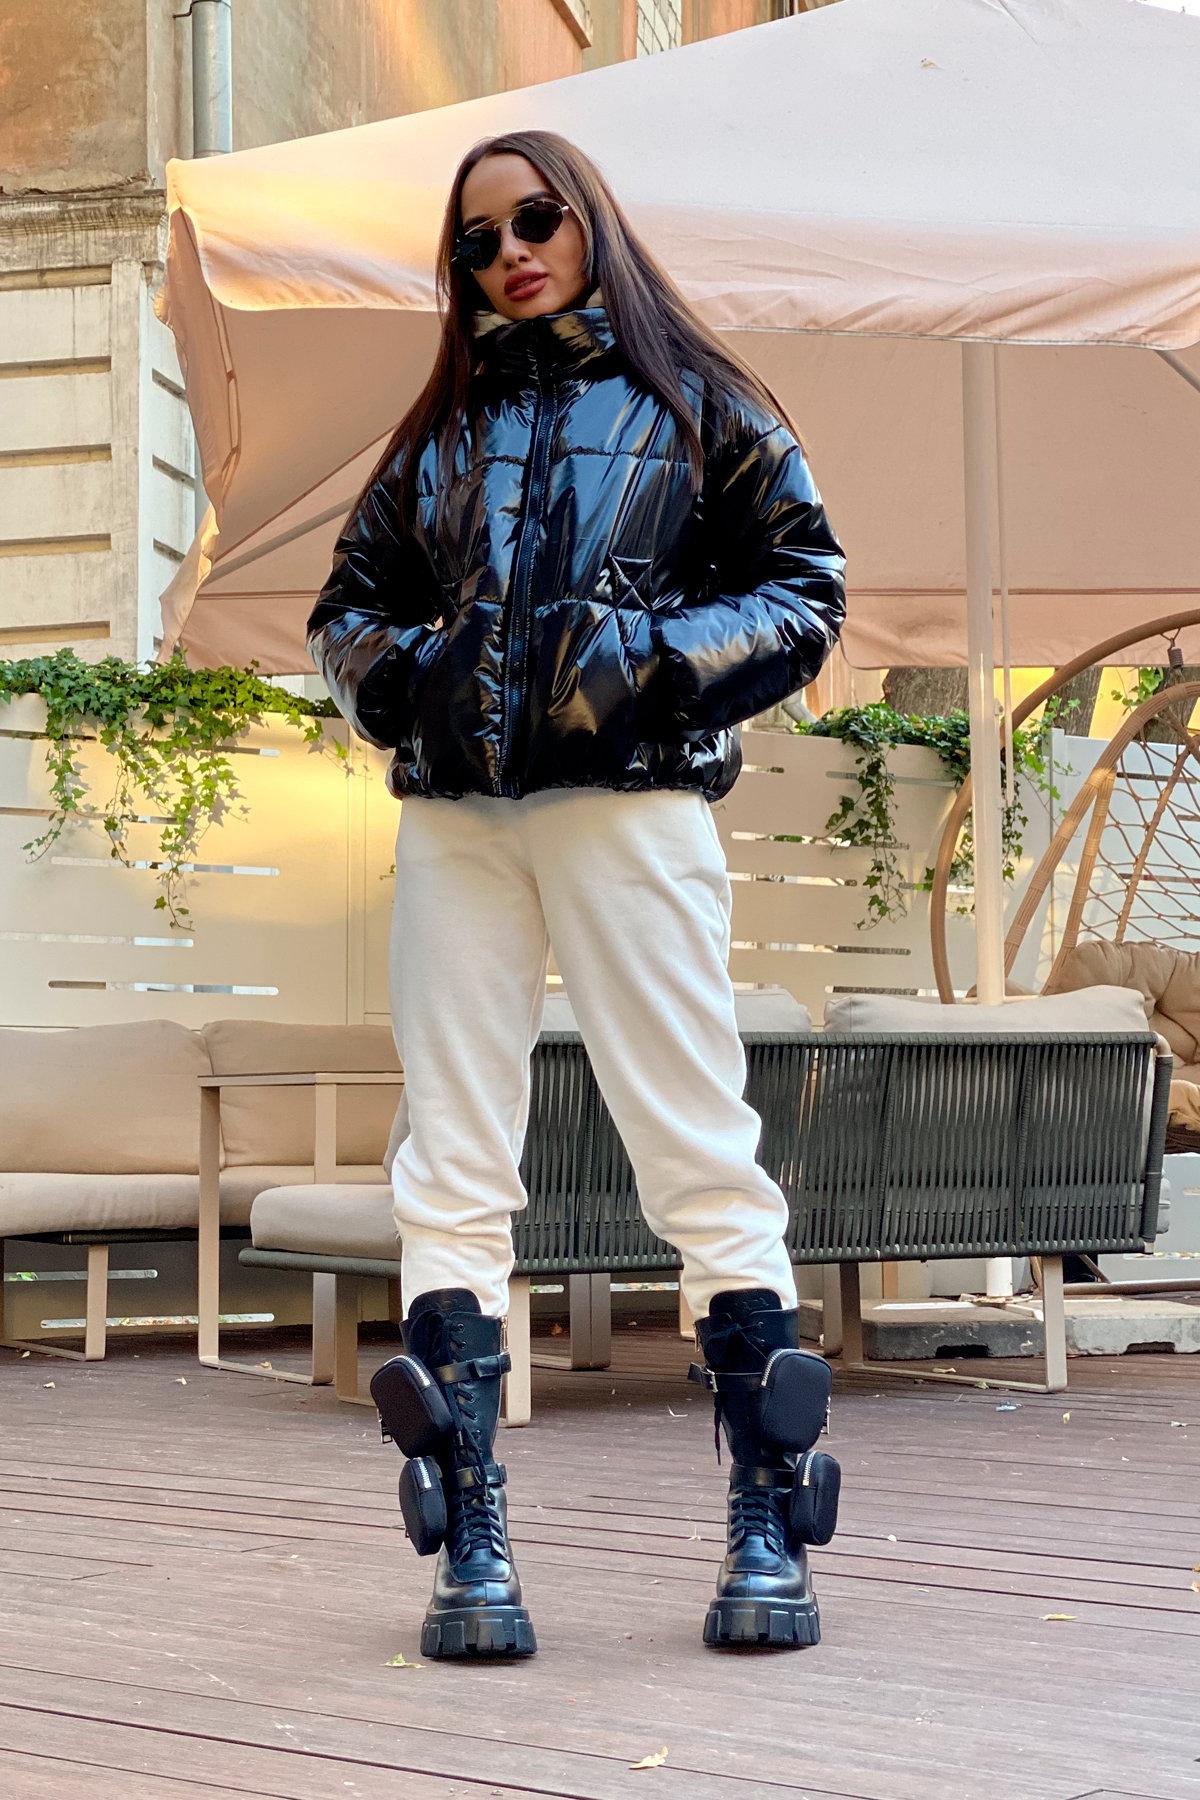 Куртка Драйв 8989 АРТ. 45299 Цвет: Черный - фото 11, интернет магазин tm-modus.ru